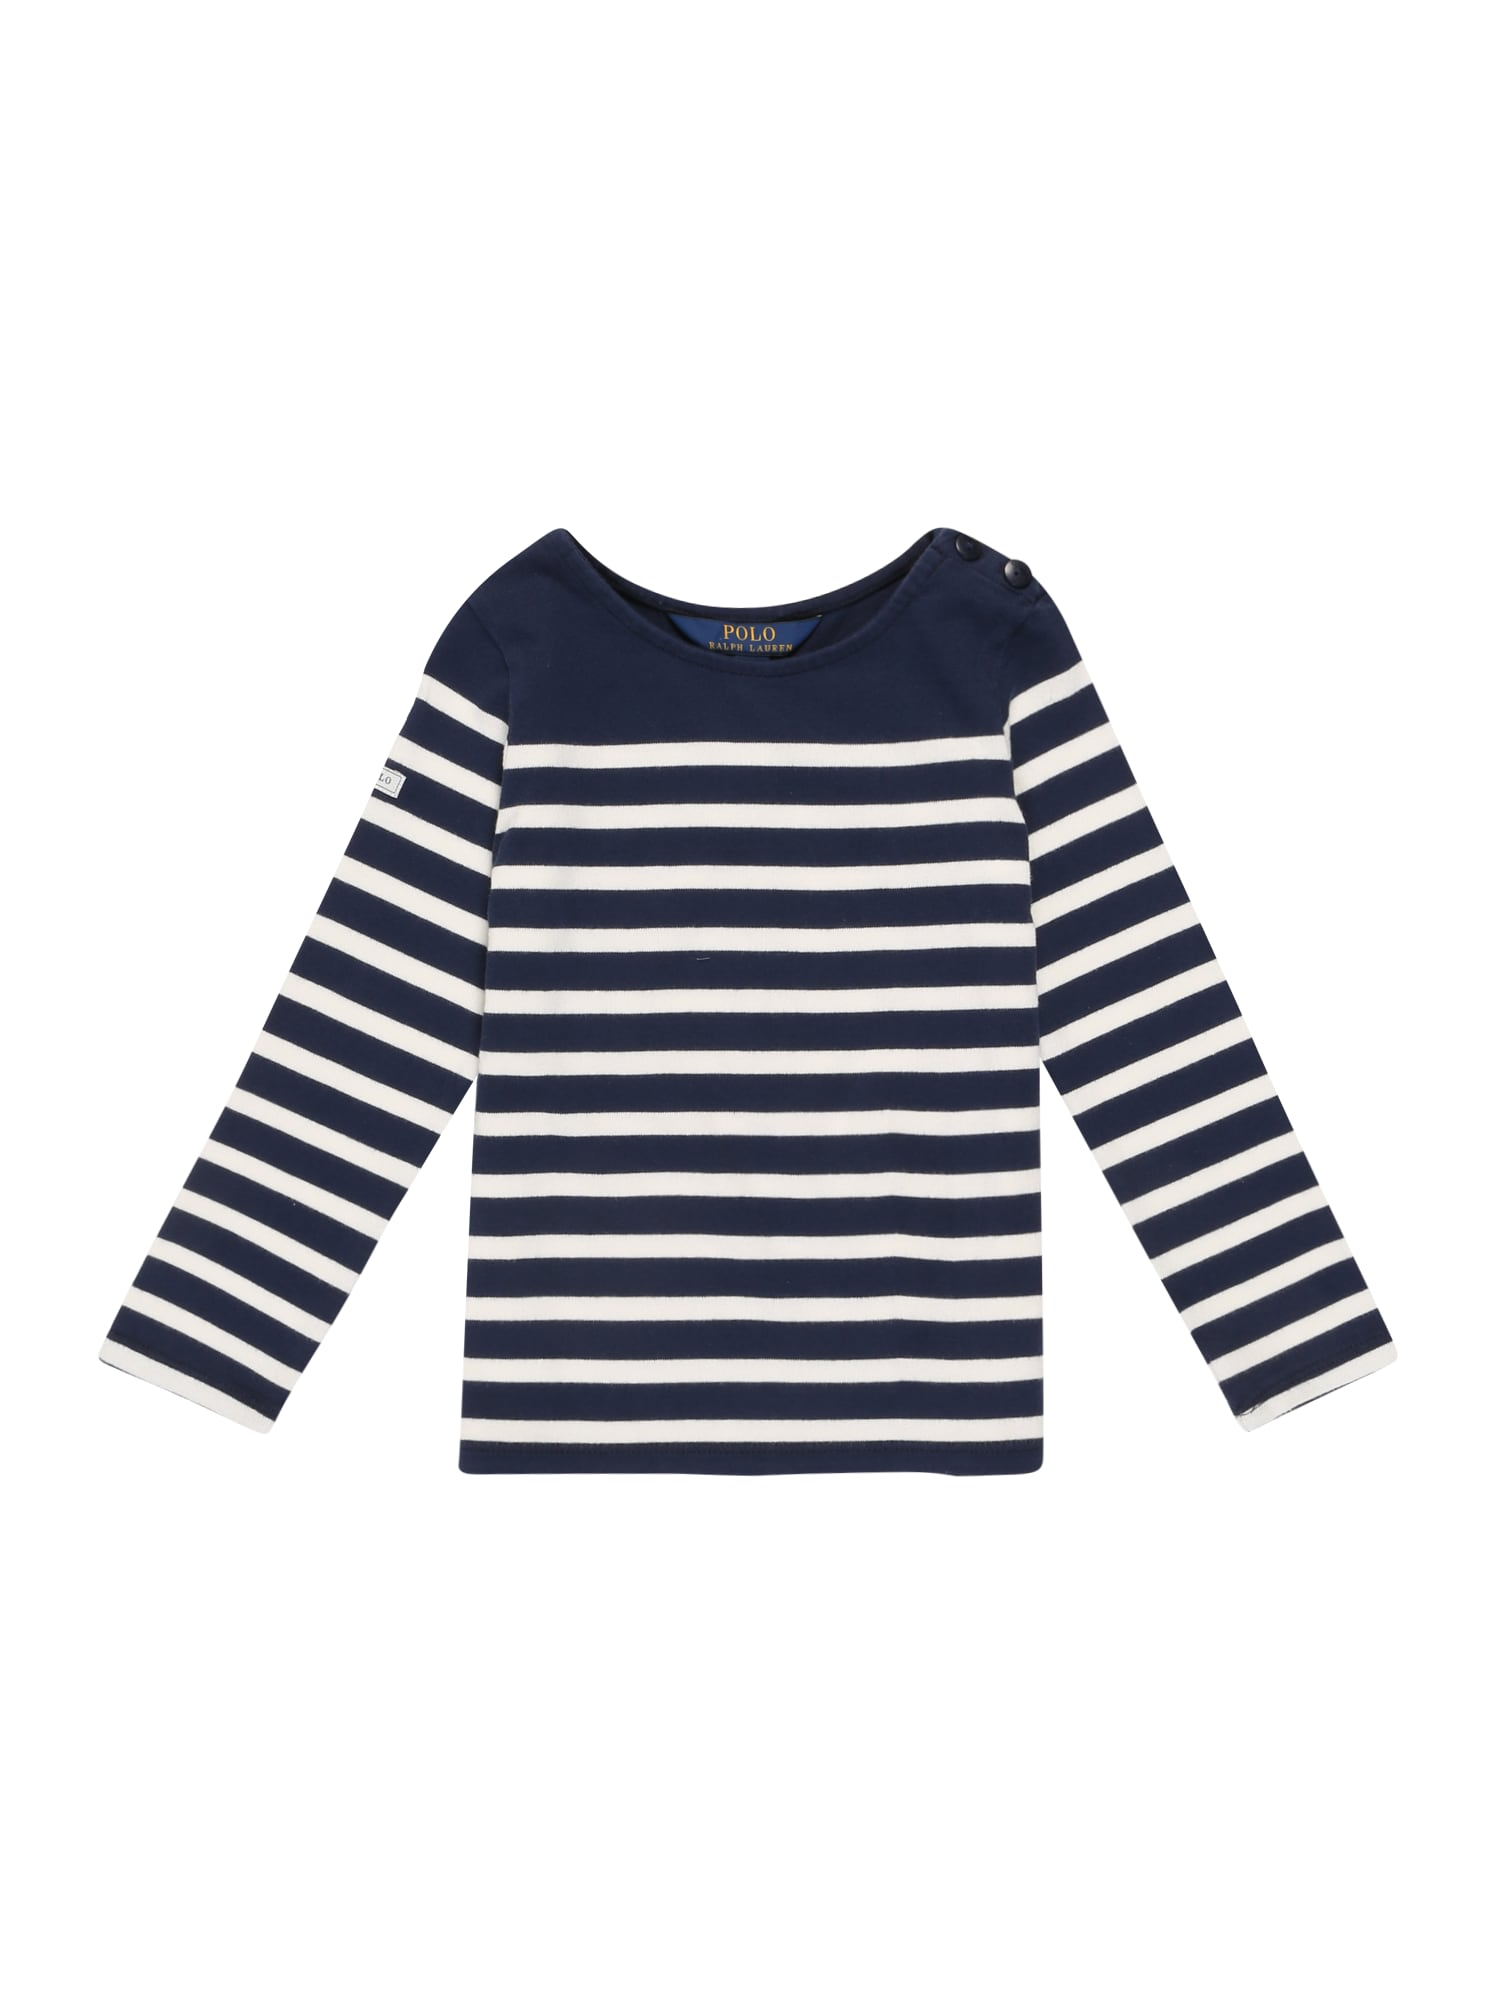 POLO RALPH LAUREN Marškinėliai tamsiai mėlyna / balta